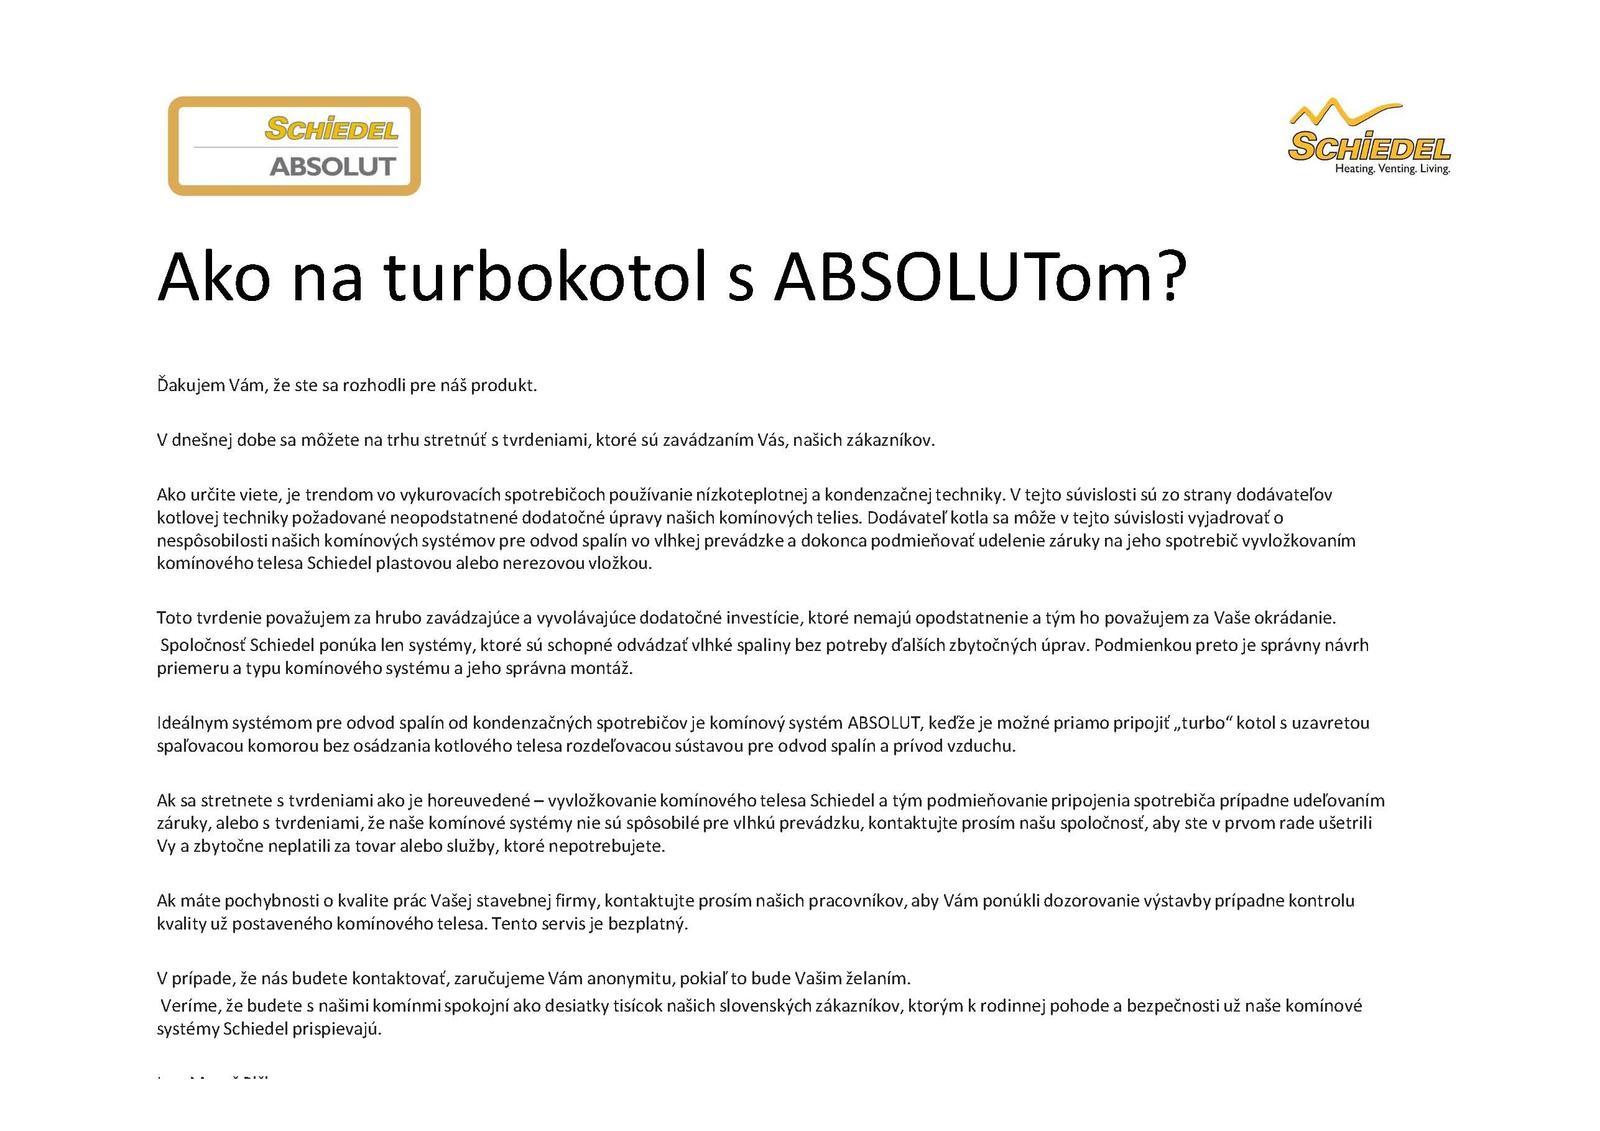 Ako napojiť kondenzačný kotol na komín ABSOLUT bez potreby vložkovania - Obrázok č. 1